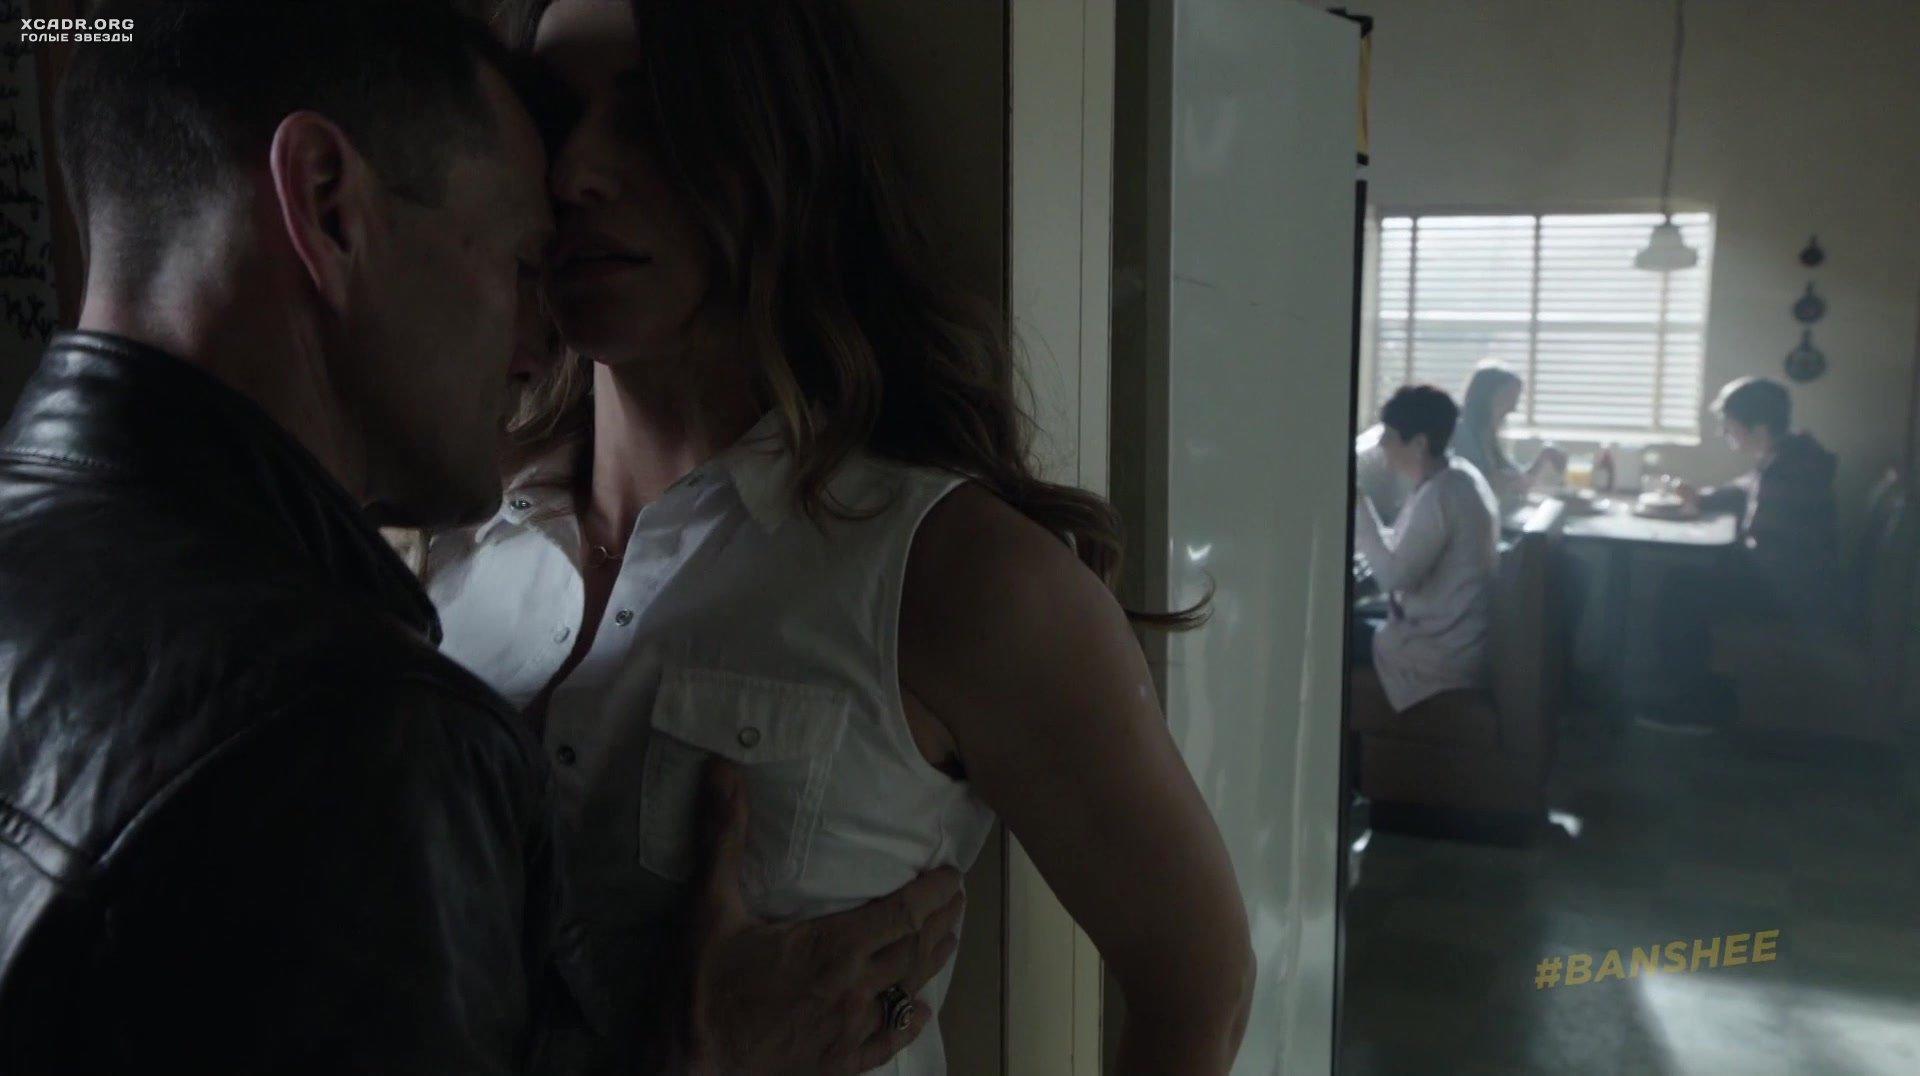 Ритуальная сцена секса